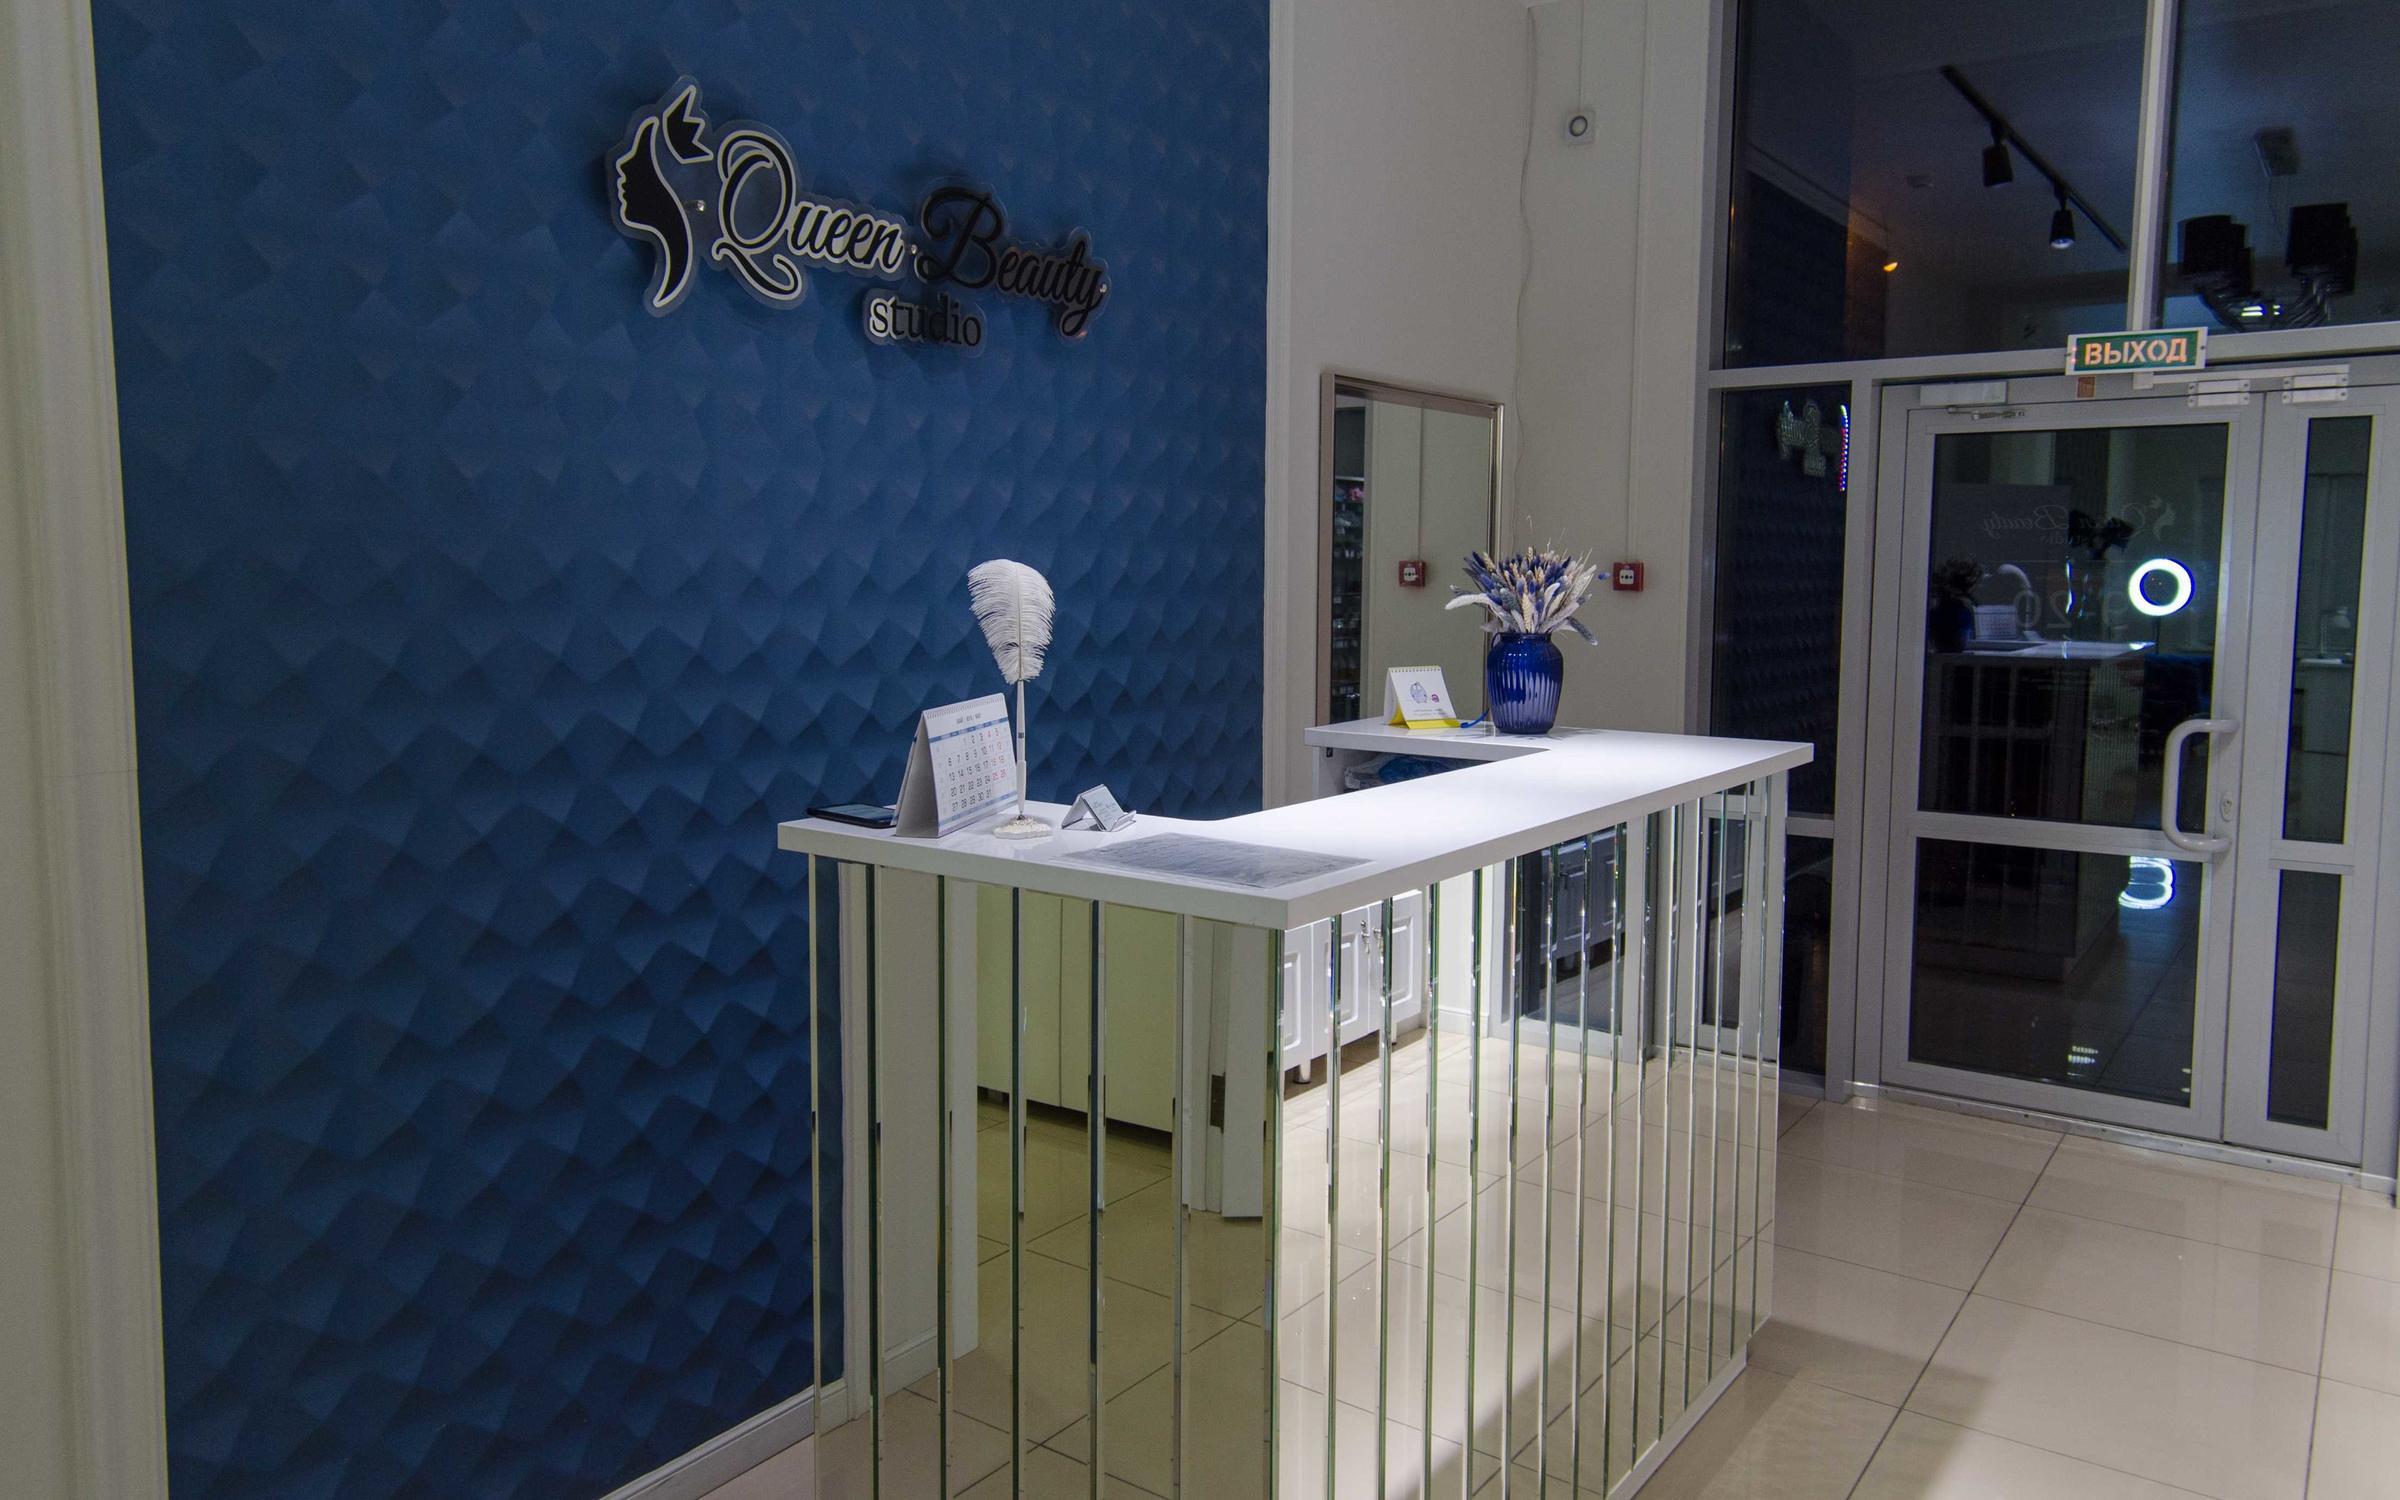 фотография Студии красоты Queen beauty studio